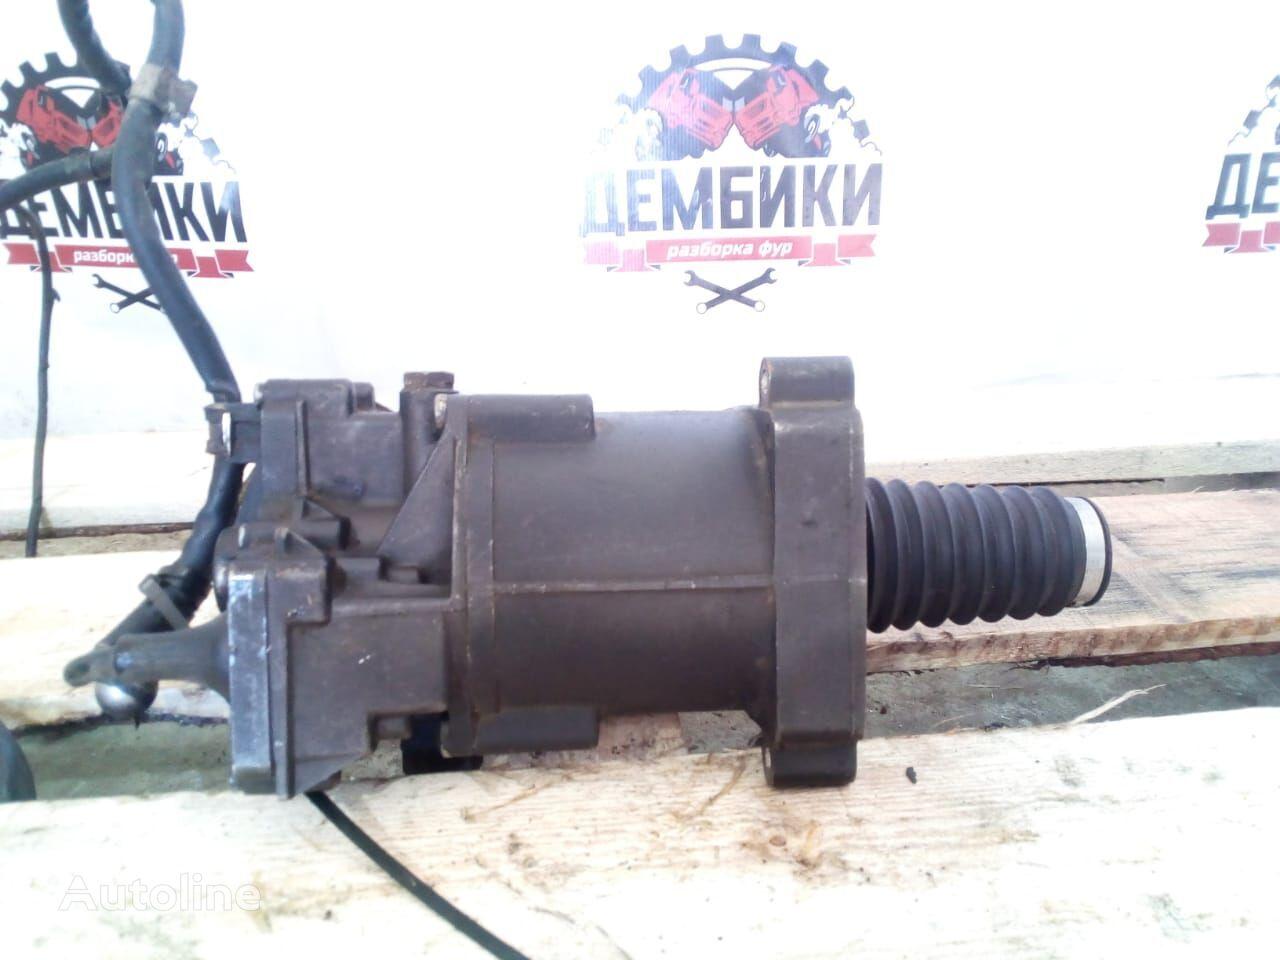 PGU AKPP clutch master cylinder for MAN TGX truck